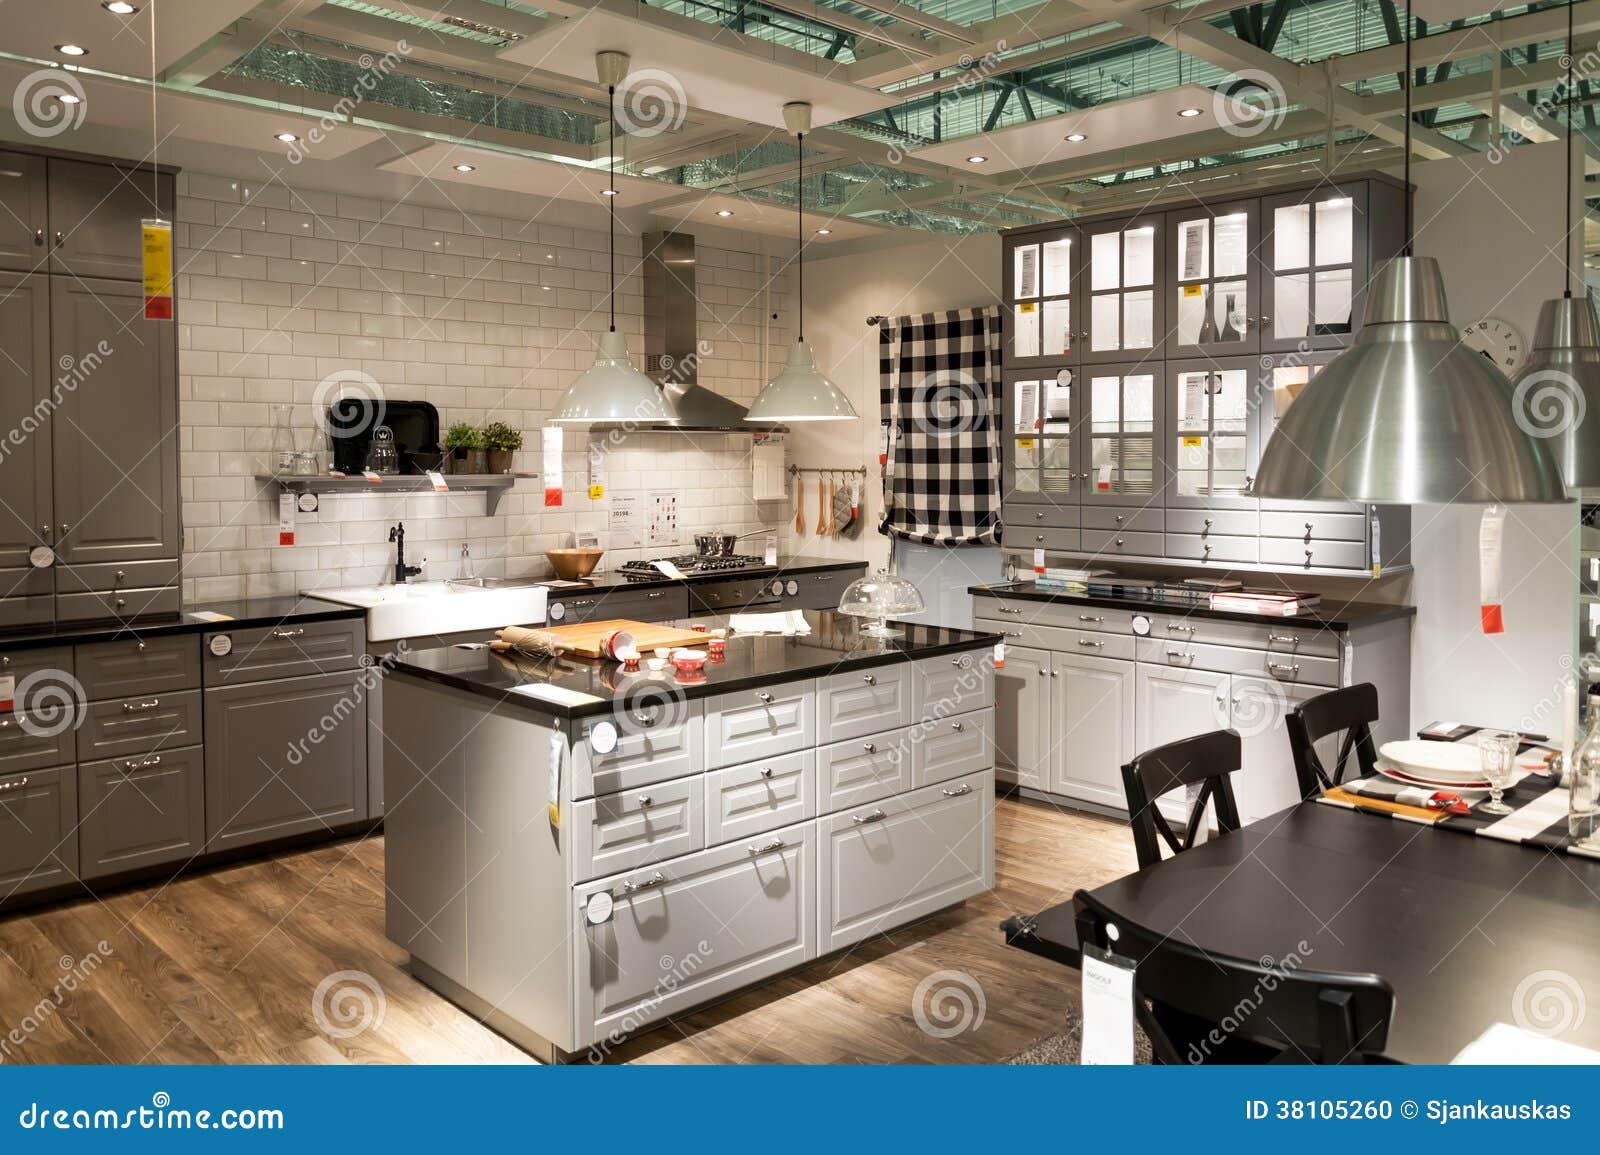 Cocina En La Tienda De Muebles Ikea Imagen editorial - Imagen: 38105260